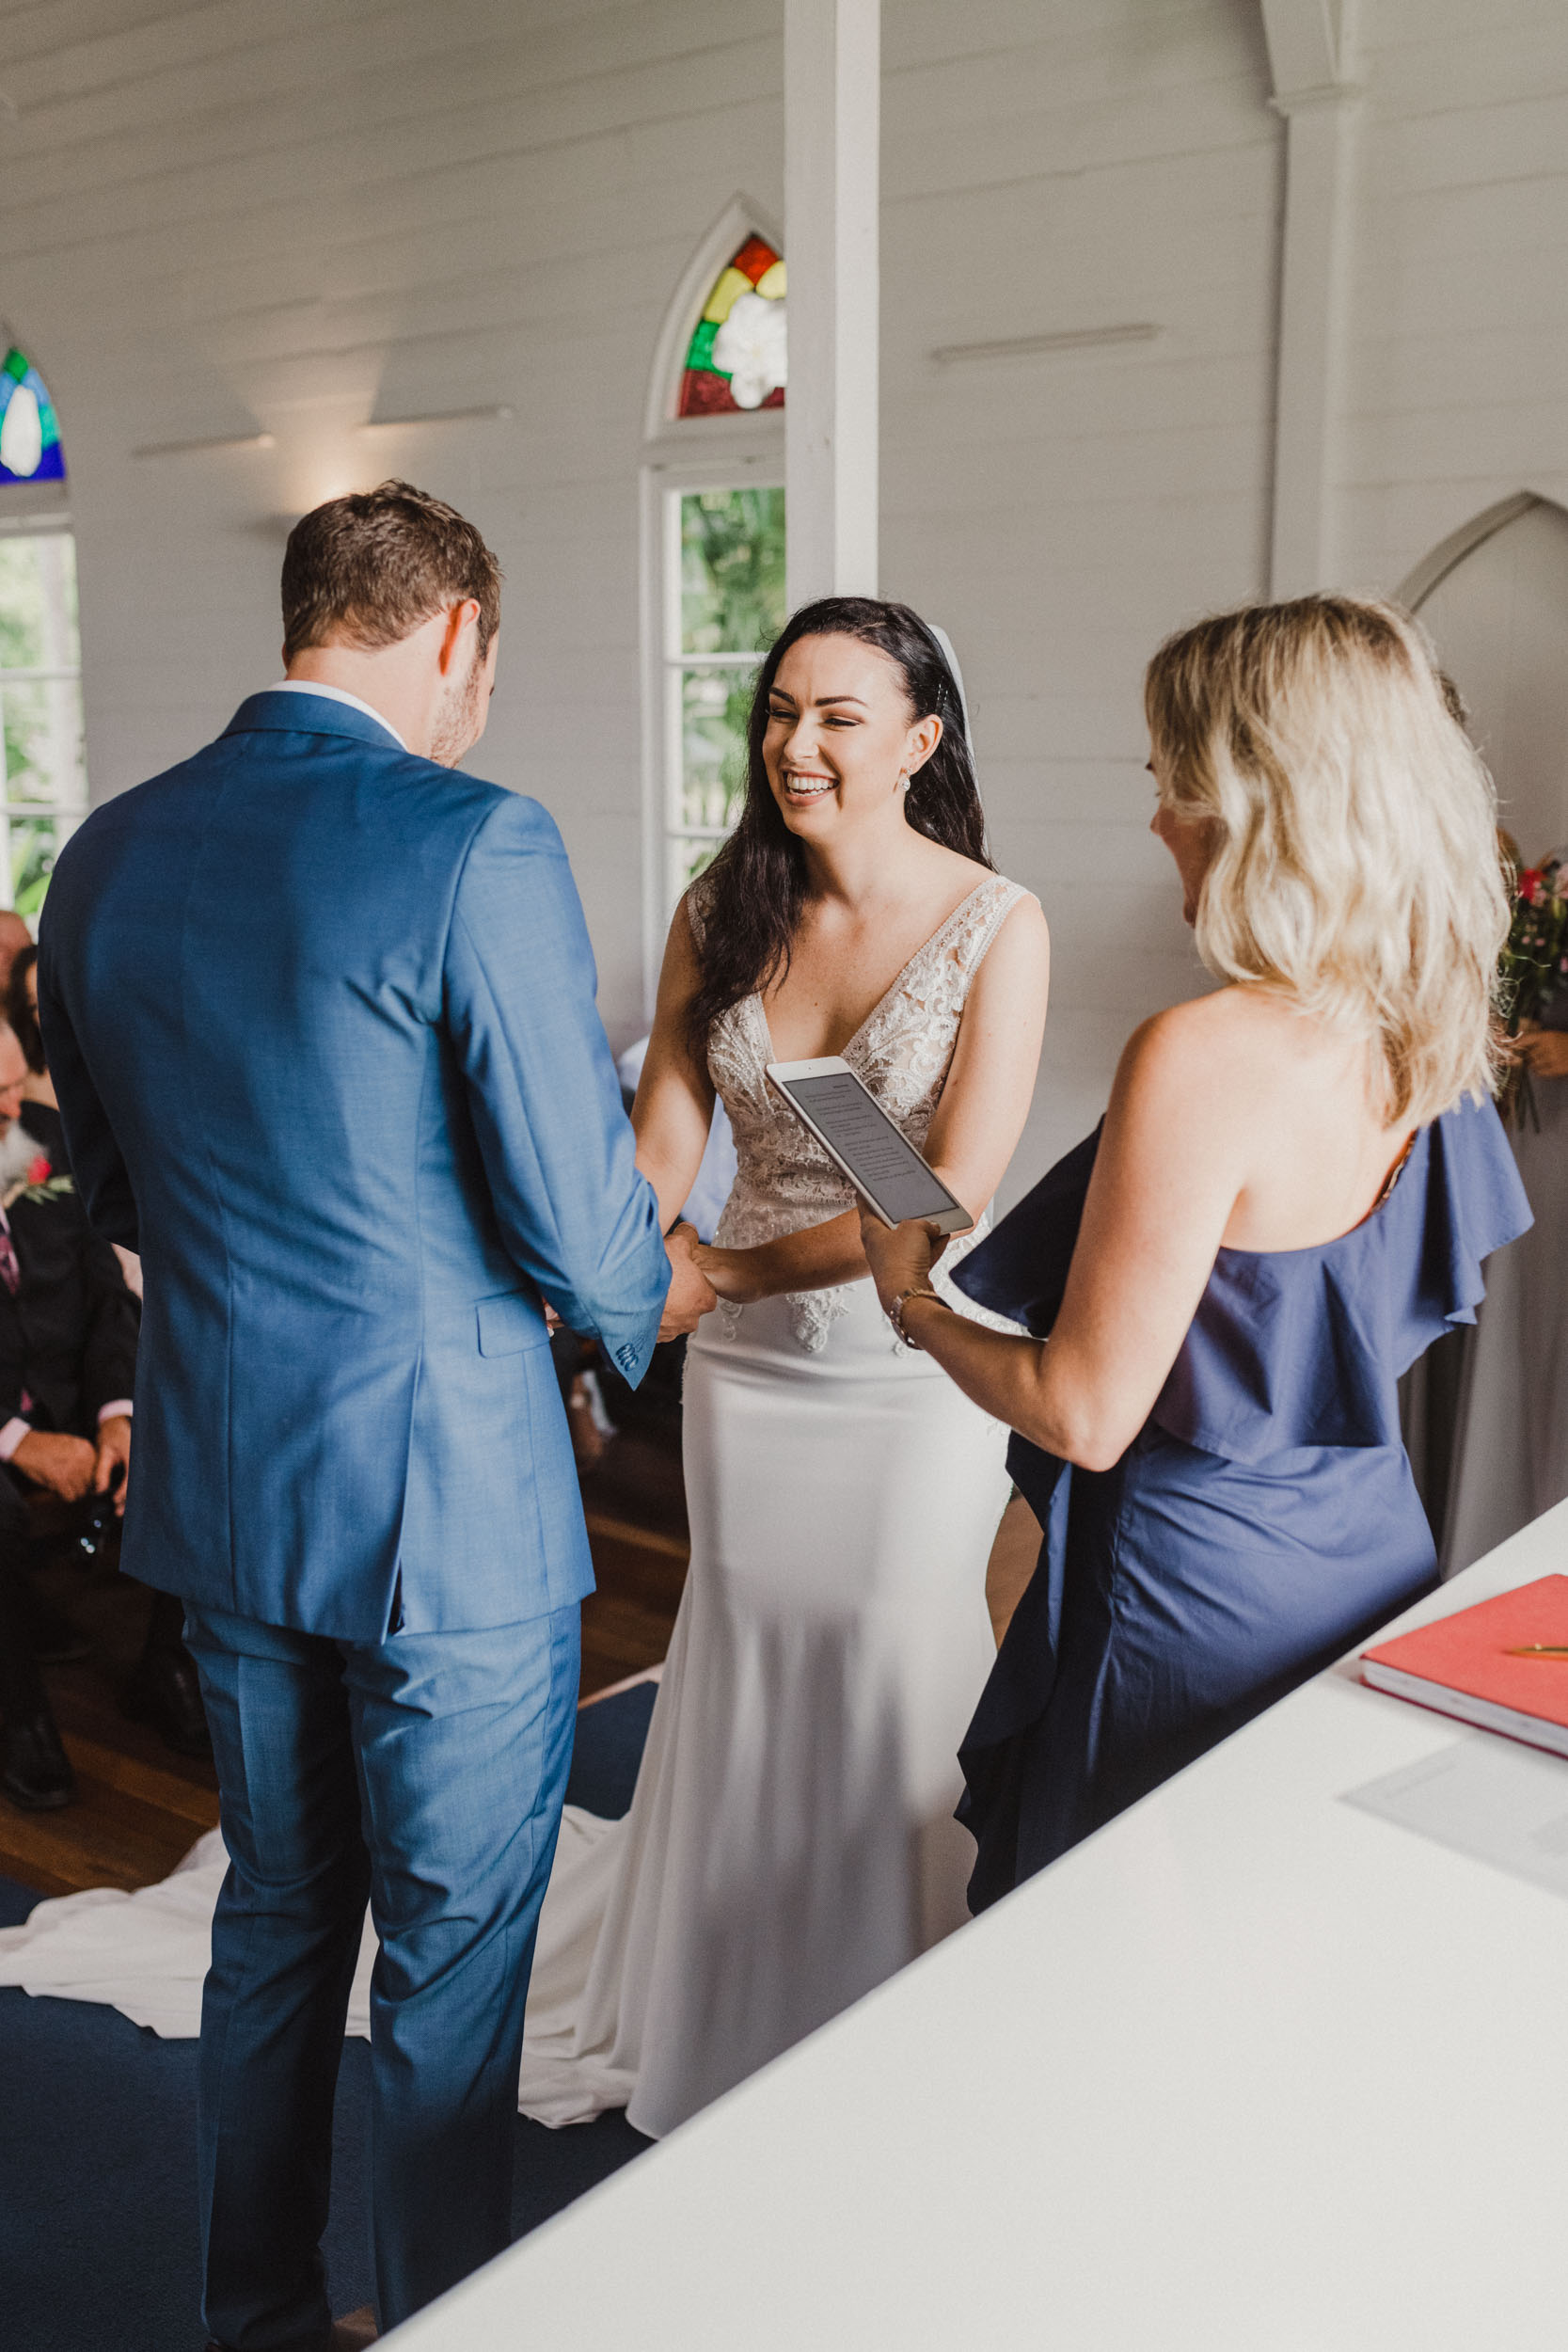 The Raw Photographer - Port Douglas Wedding Photographer - St Mary Church - Cairns Beach Photos-25.jpg